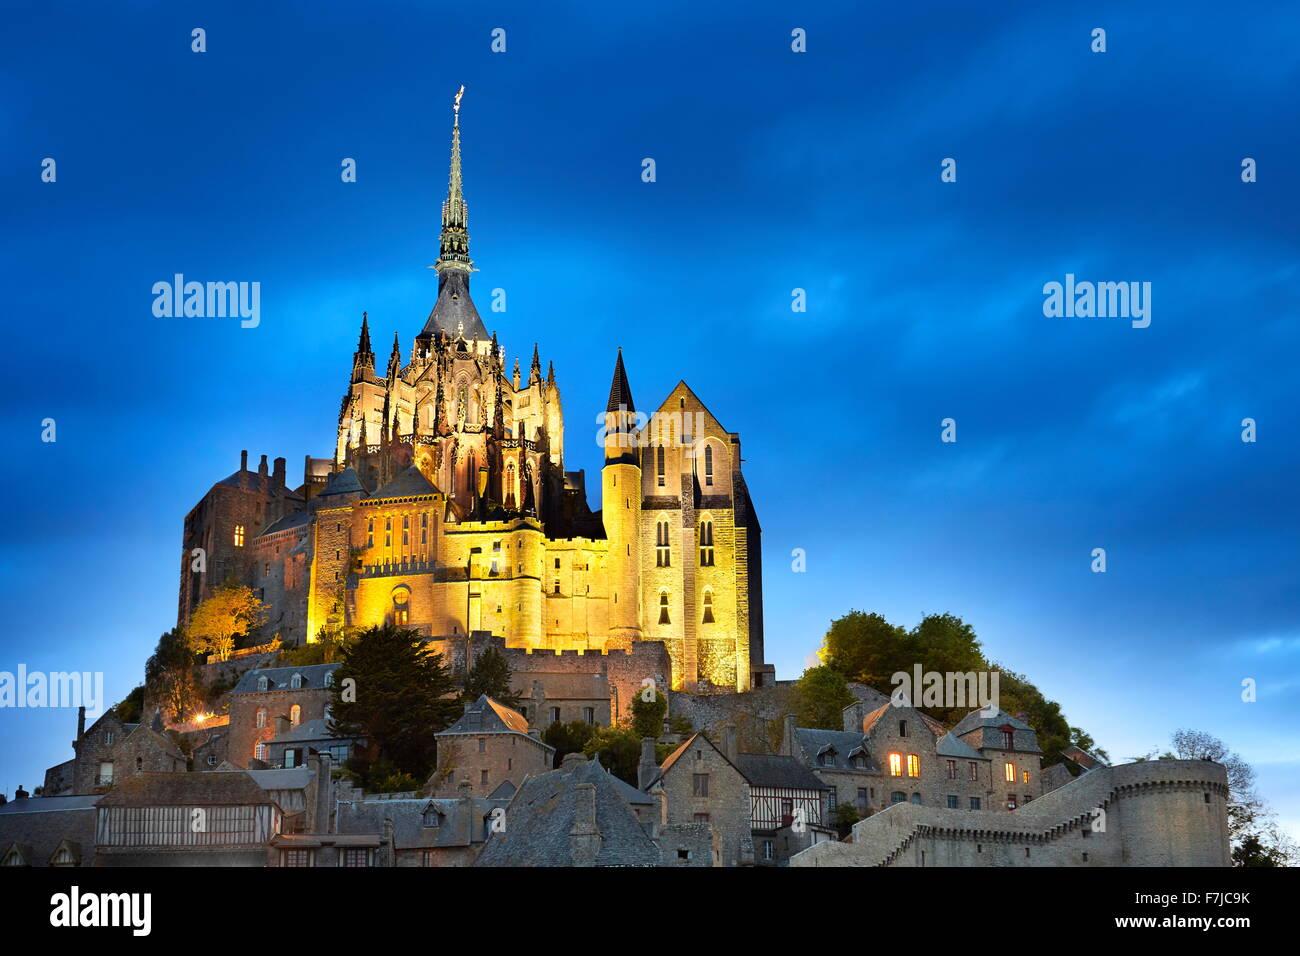 Mont Saint Michel am Abend, Normandie, Frankreich Stockbild